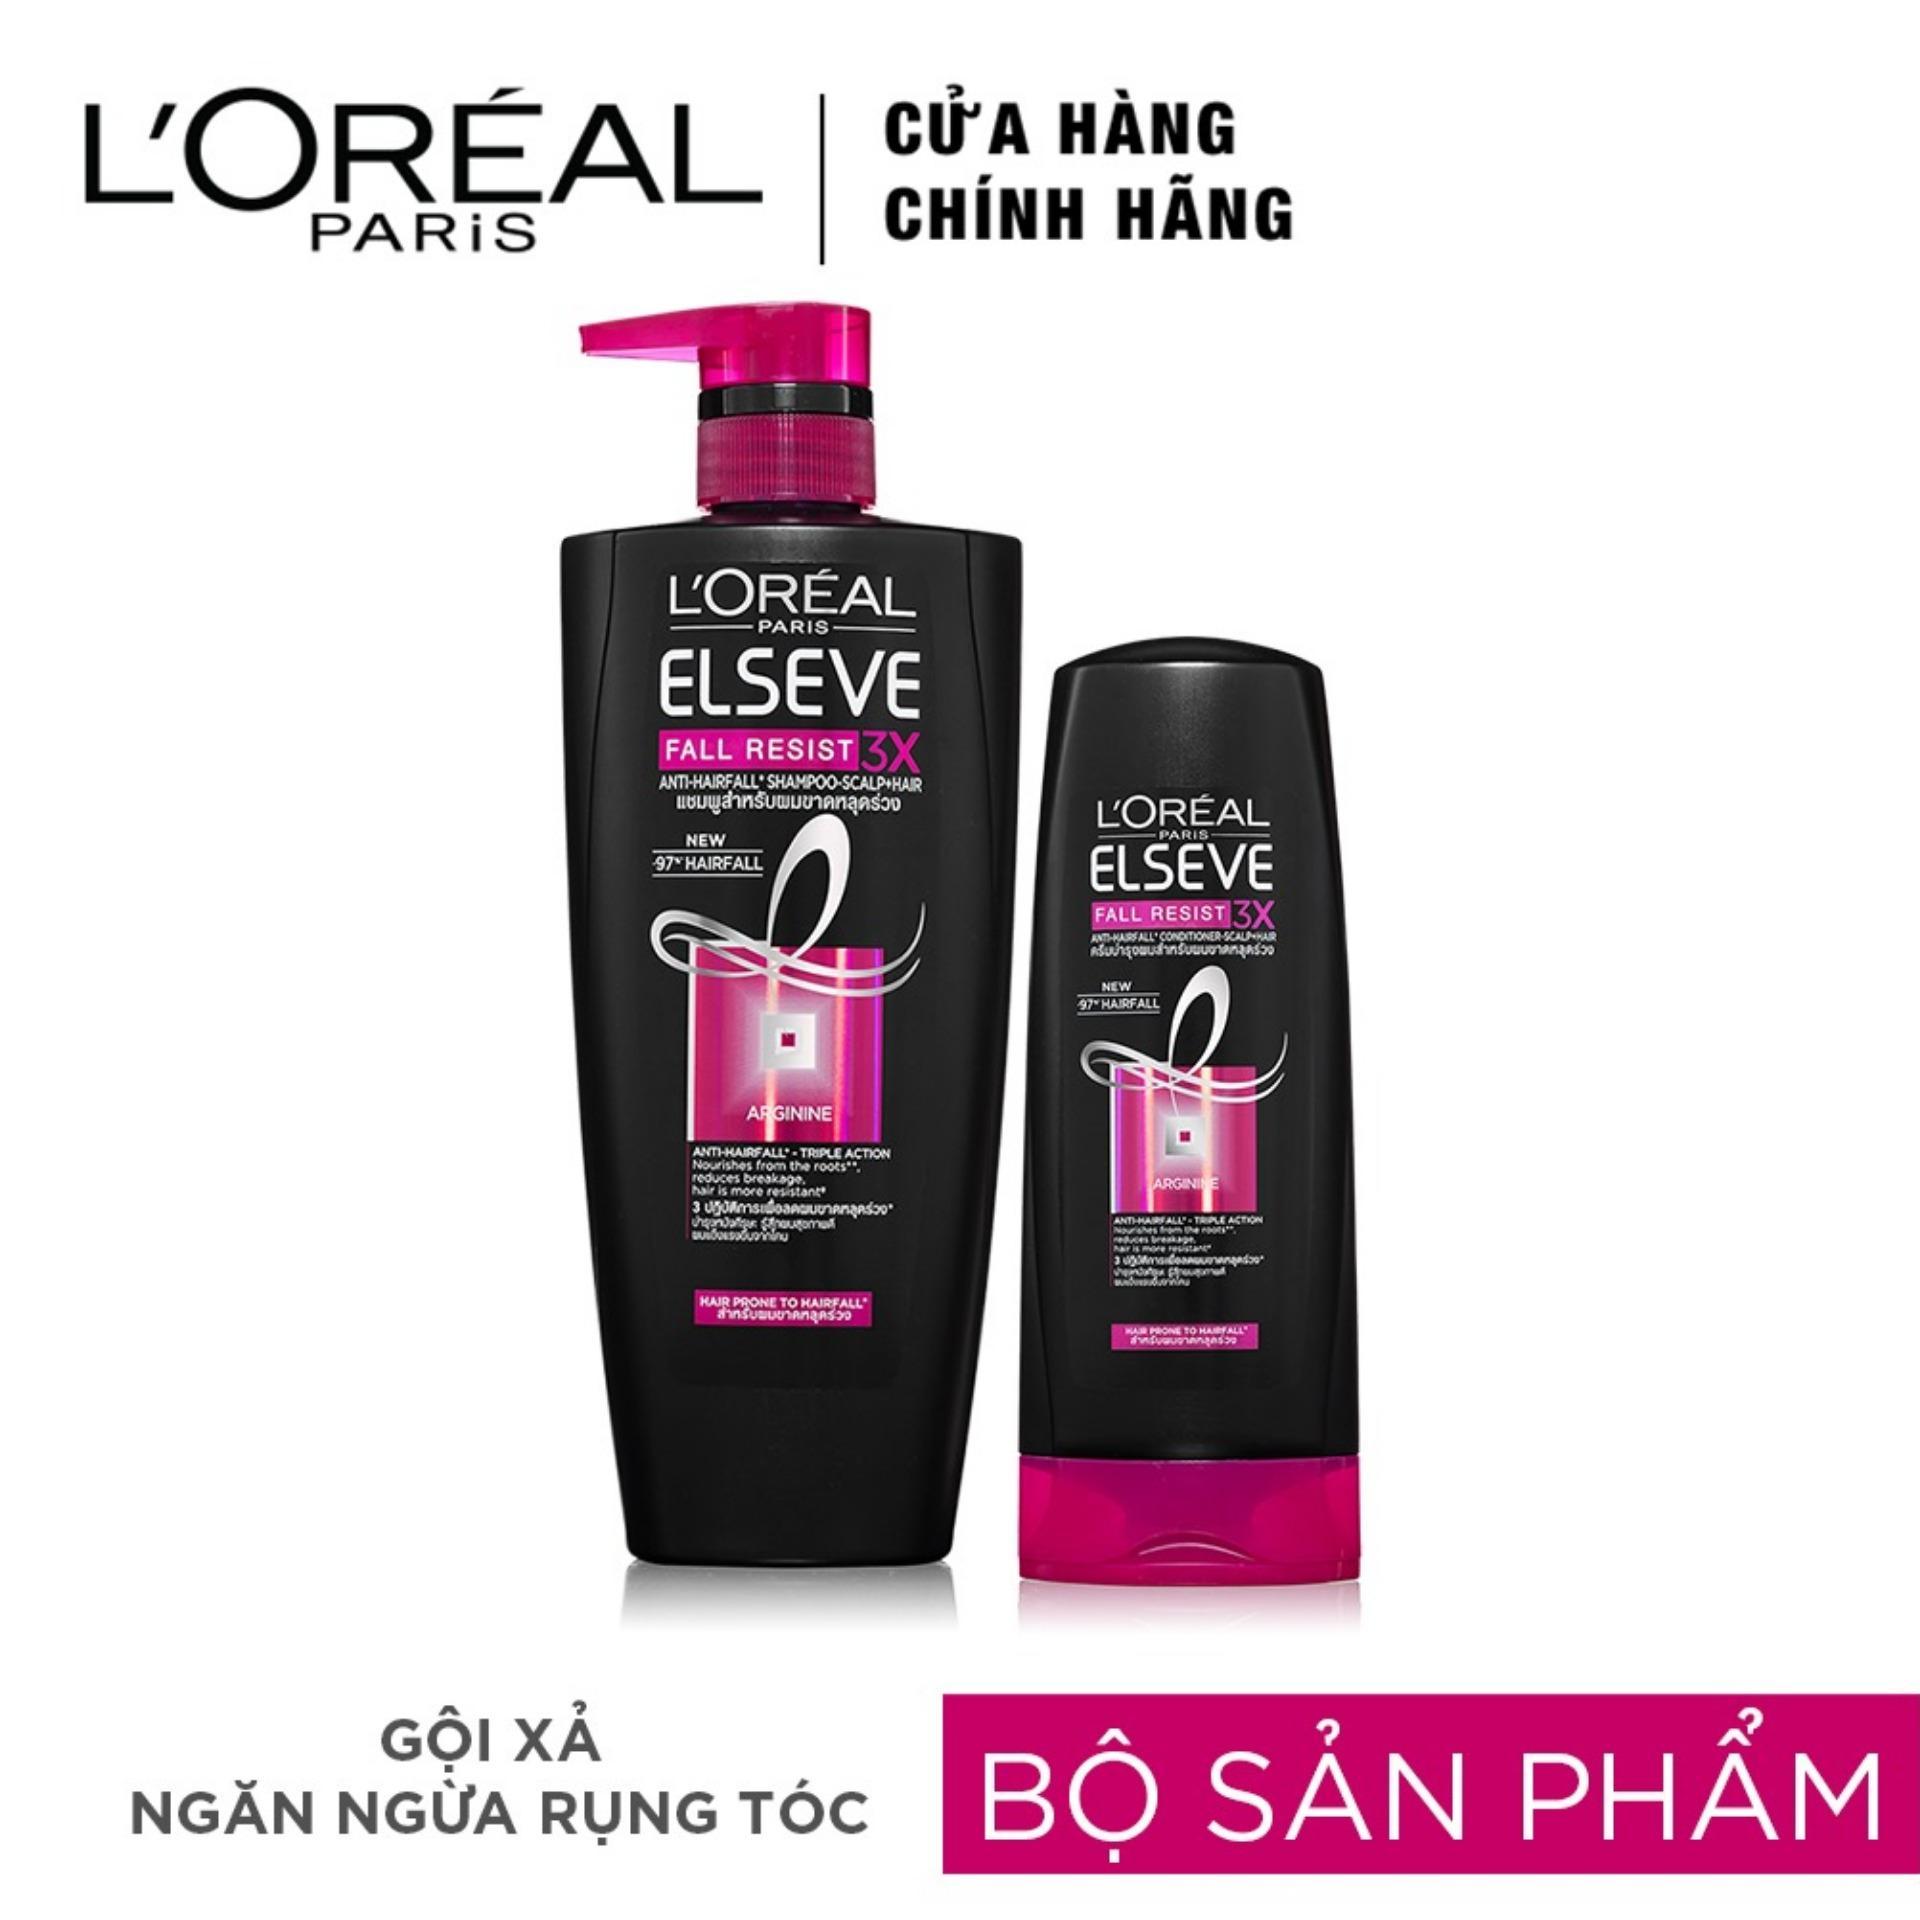 Bộ dầu gội 650ml và dầu xả 165ml ngăn ngừa rụng tóc L'oreal Paris Elseve Fall Resist.